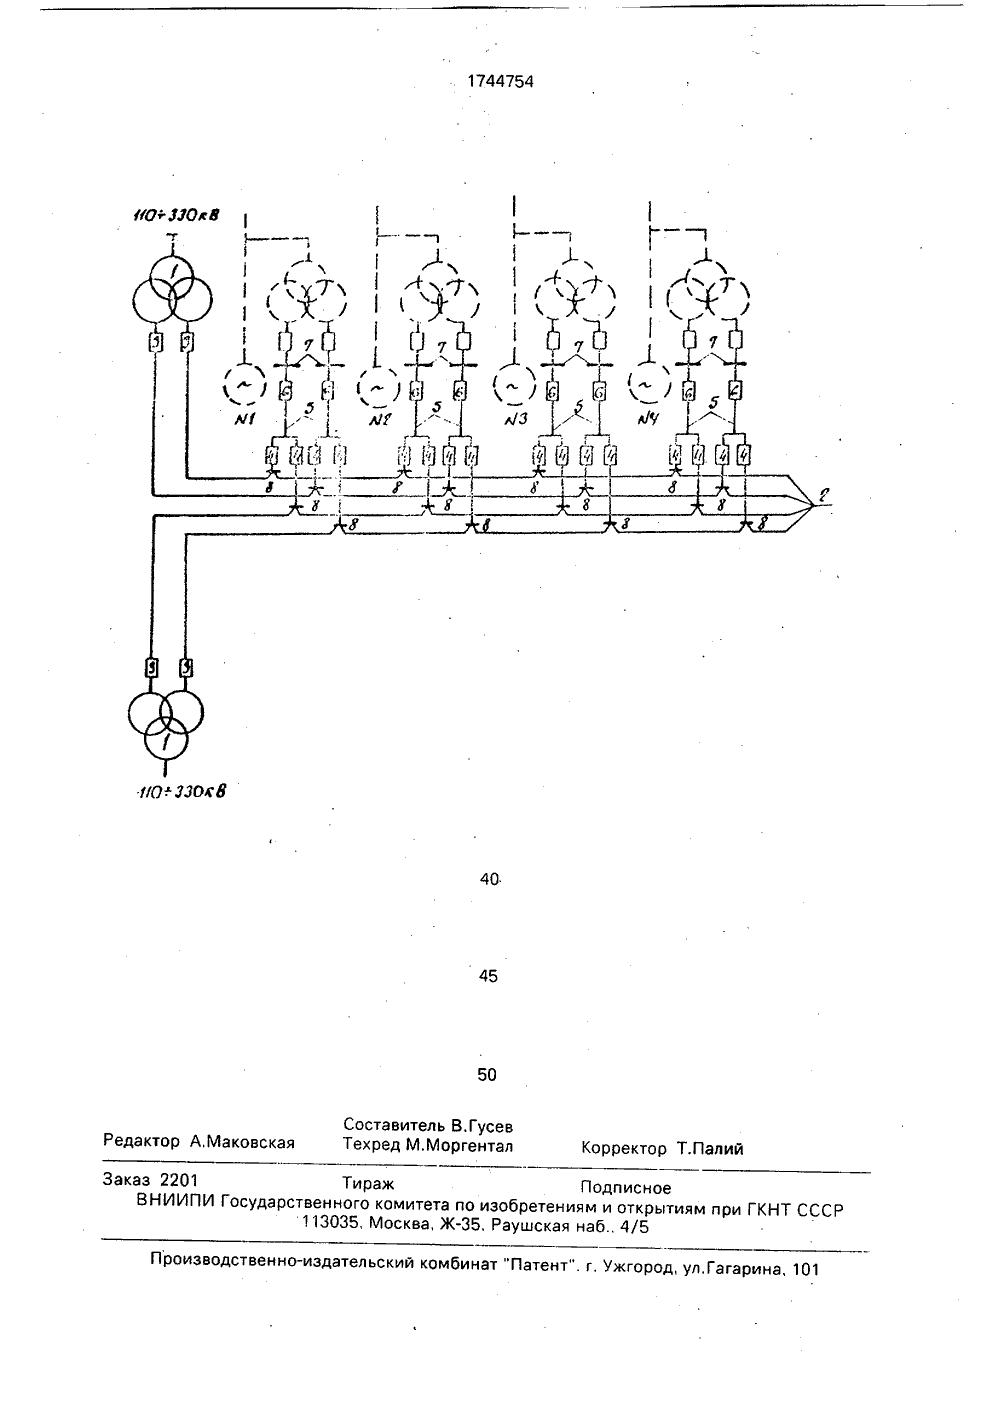 схема включения резервной электростанции